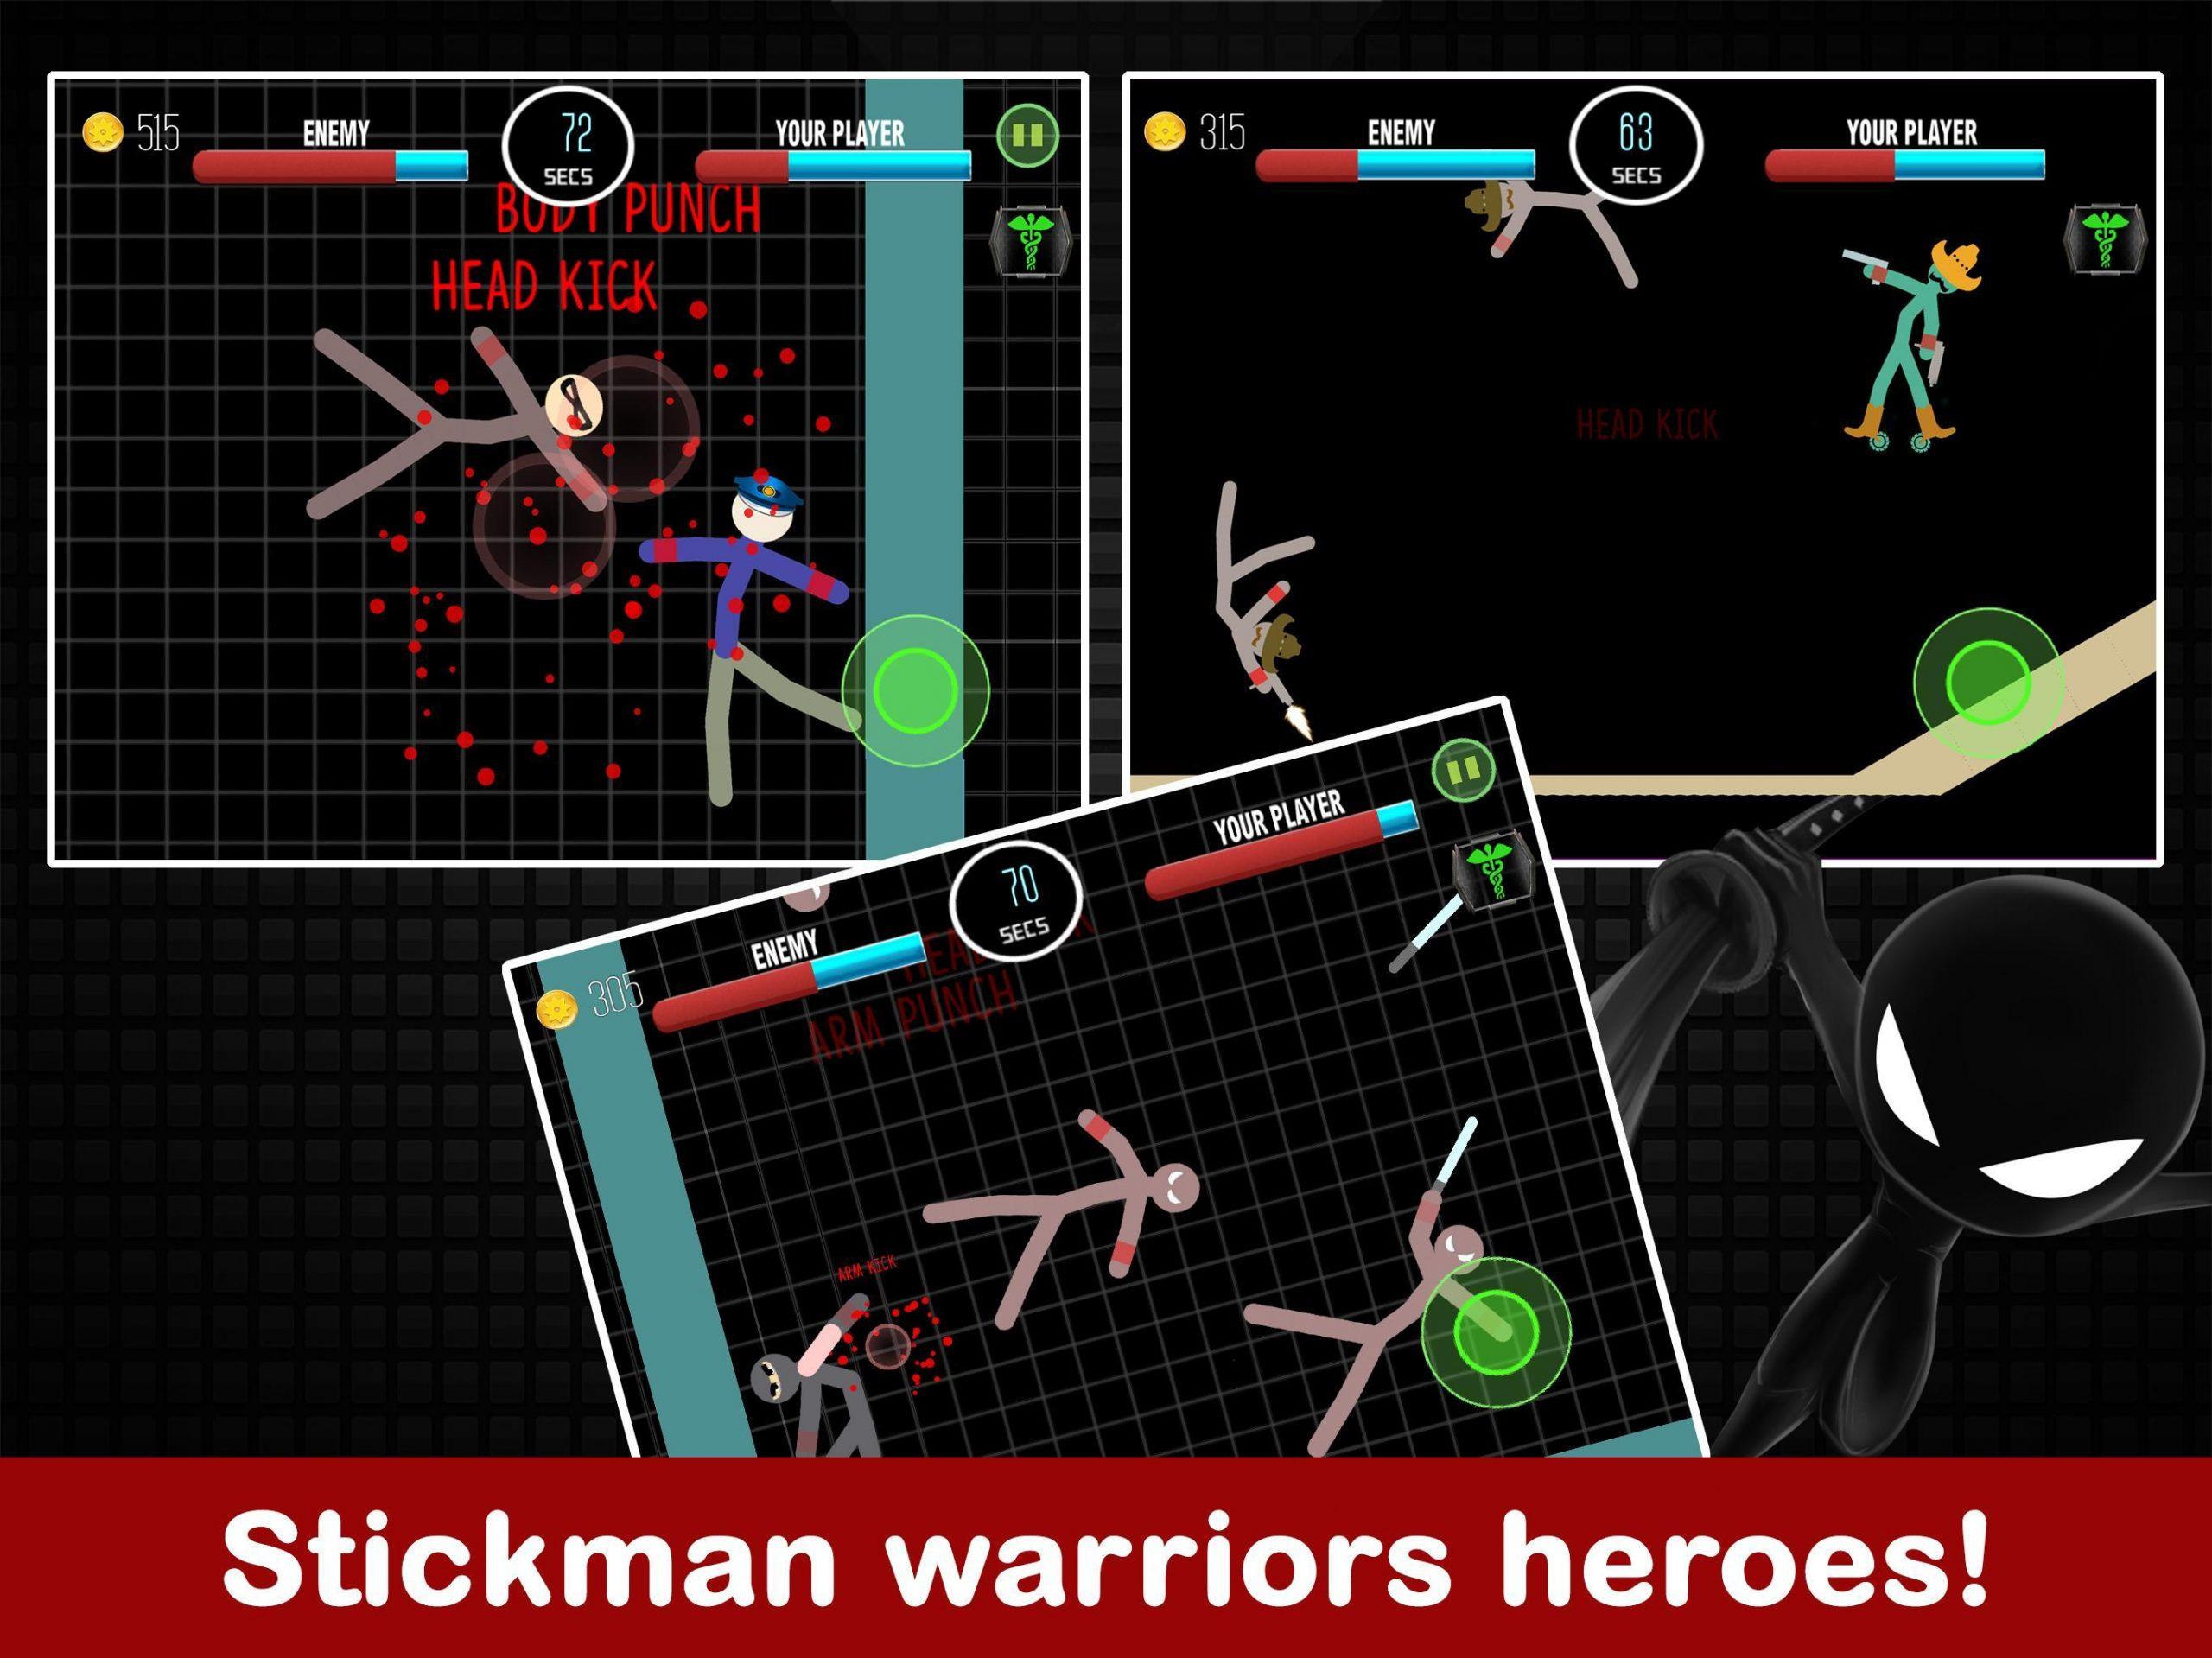 Stickman Fight 2 Player Jeux Pour Android - Téléchargez L'apk destiné Jeux De Secs